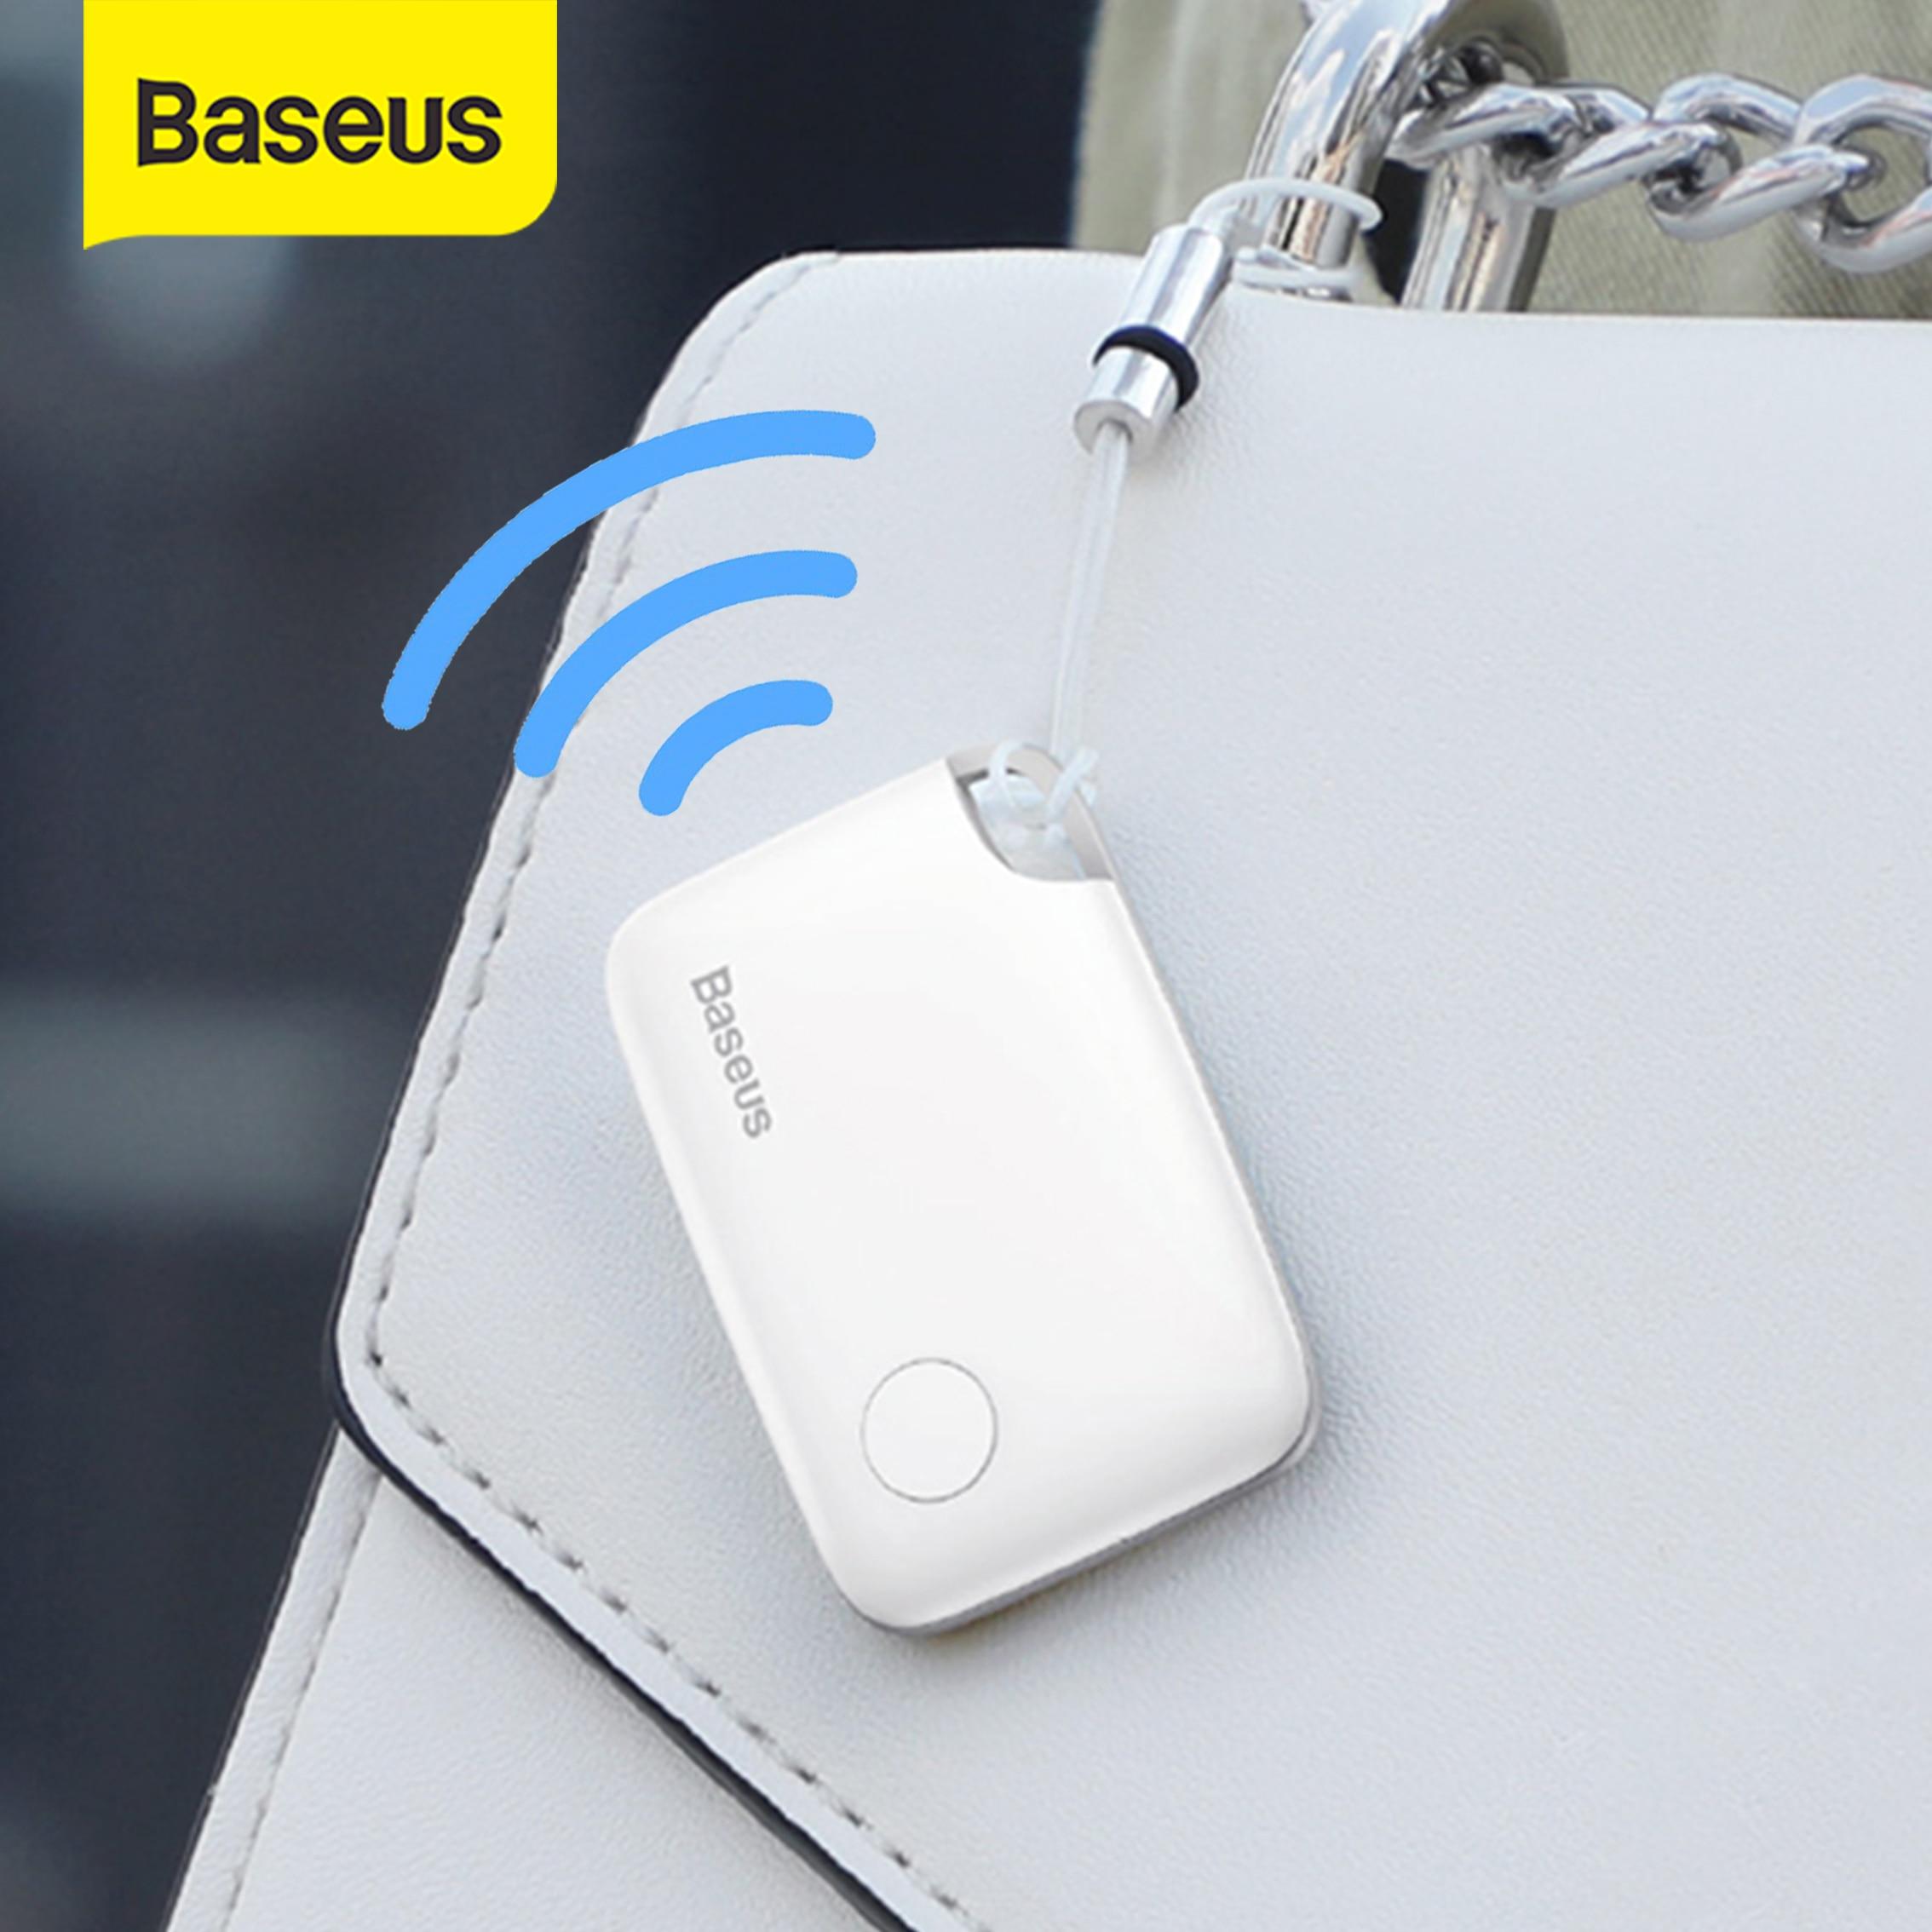 Minirastreador GPS por 7 euros Baseus (-48%)